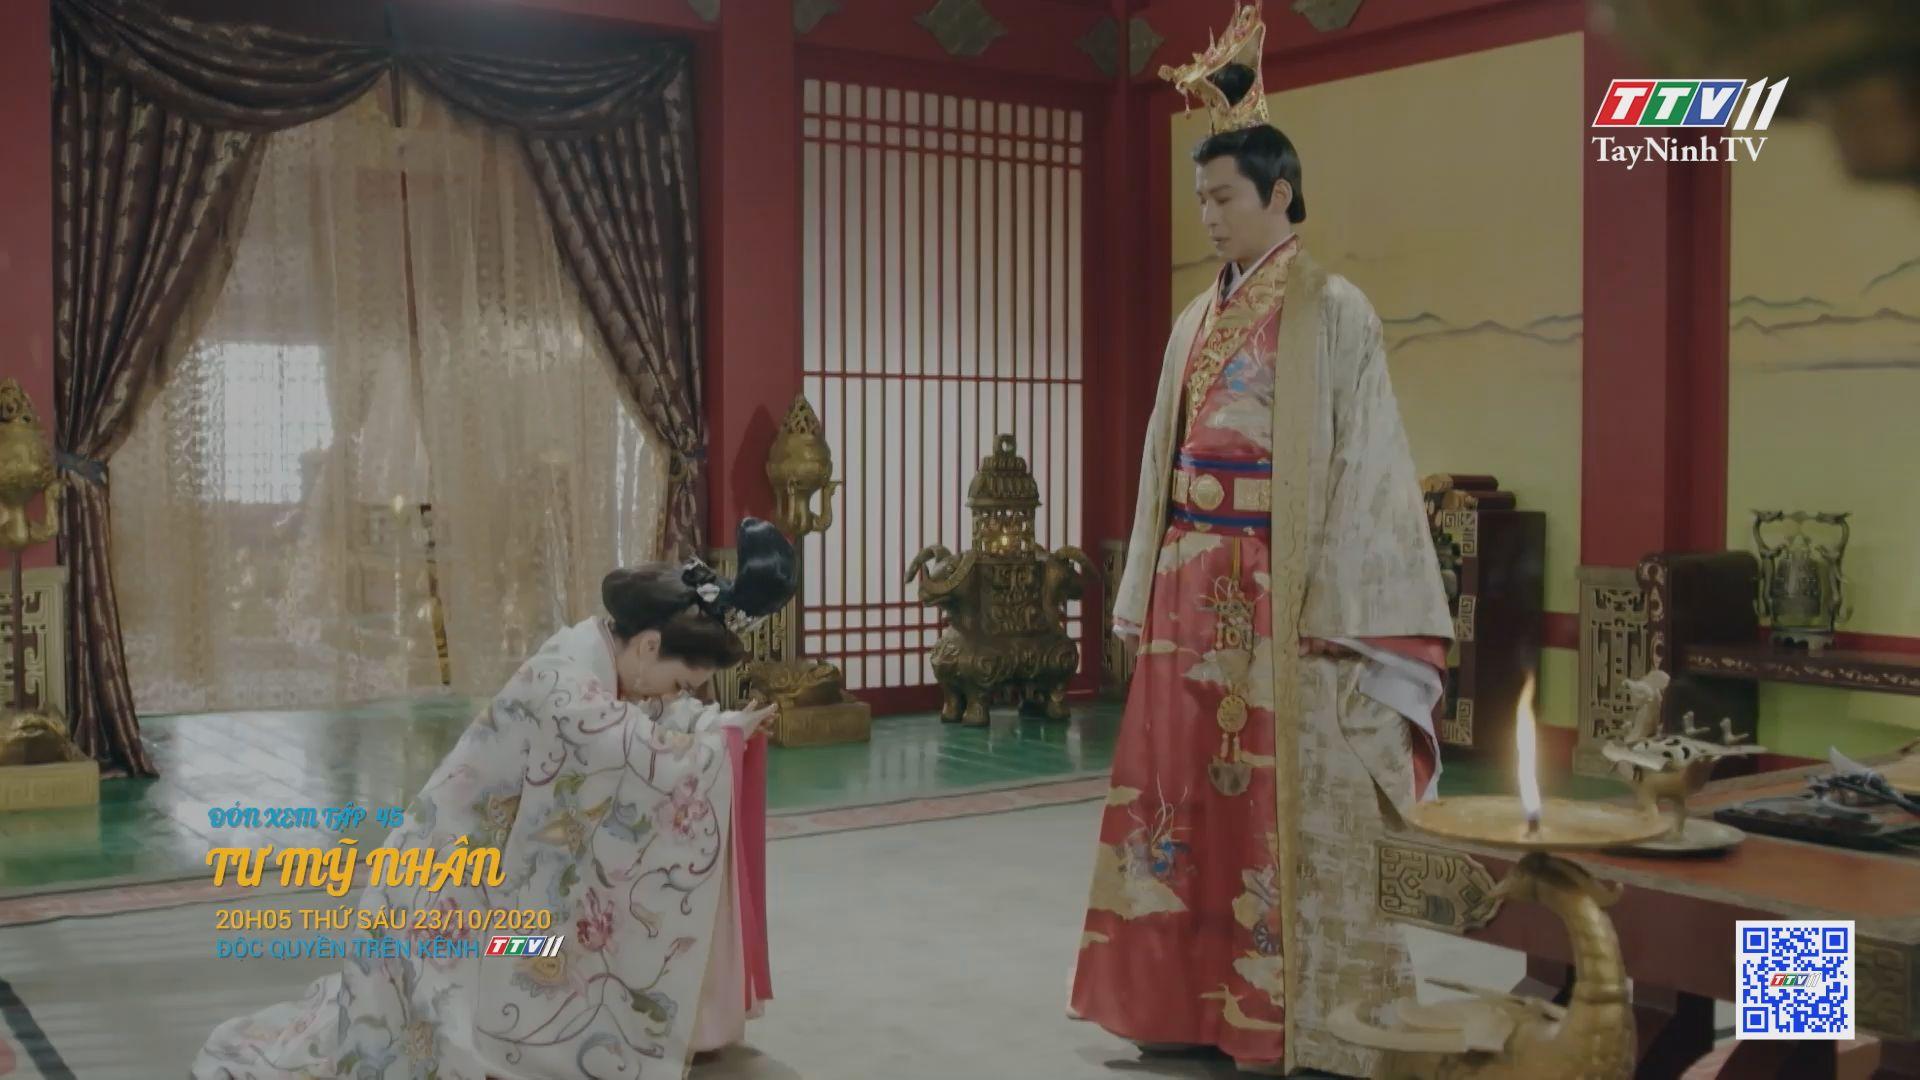 Tư mỹ nhân-TẬP 45 trailer   PHIM TƯ MỸ NHÂN   TayNinhTV